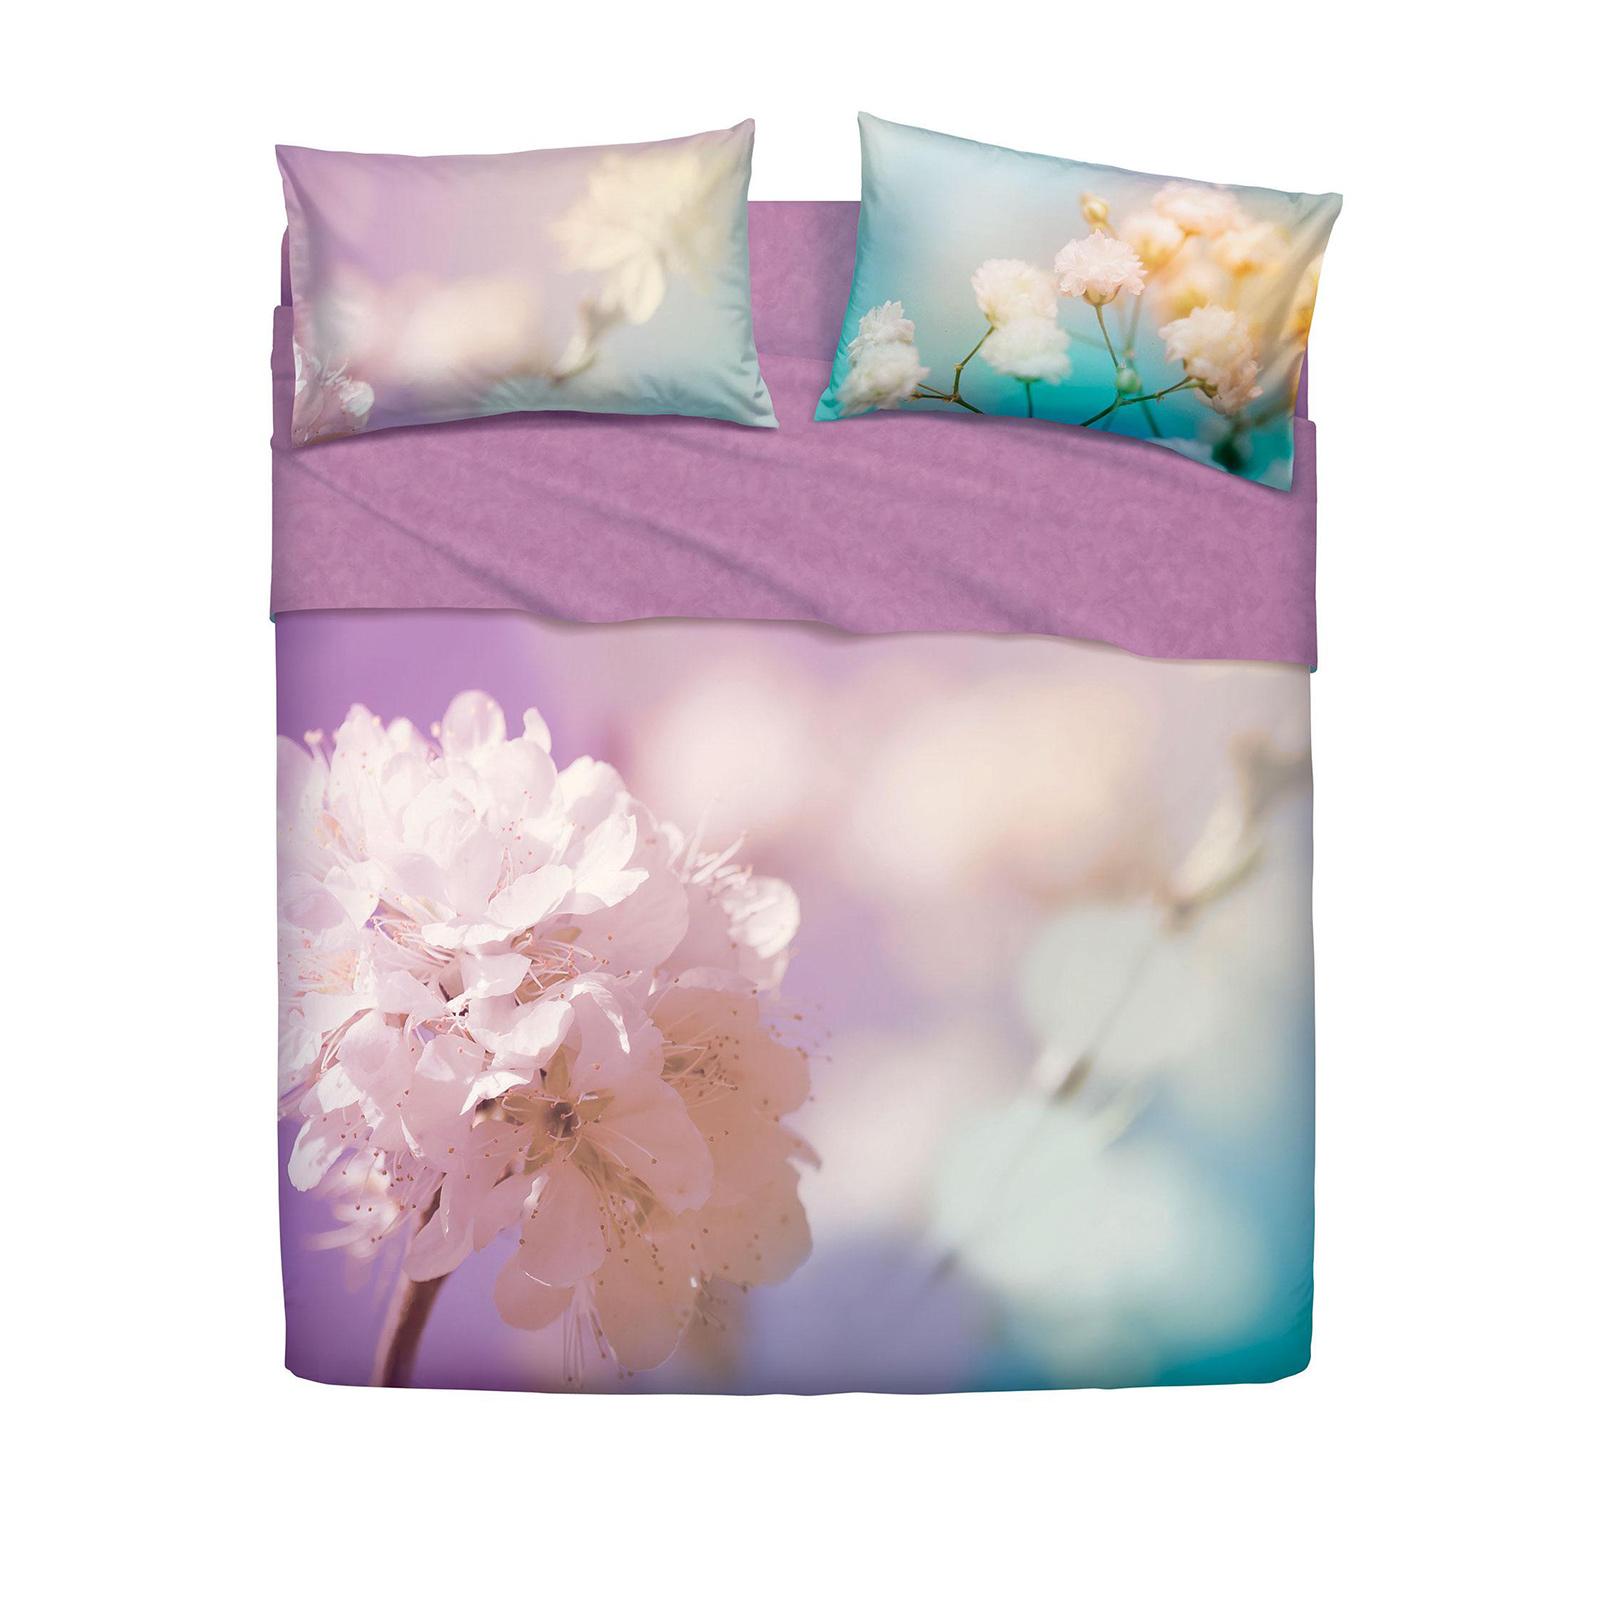 Bassetti completo letto lady flower imagine di stefano - Biancheria letto bassetti ...